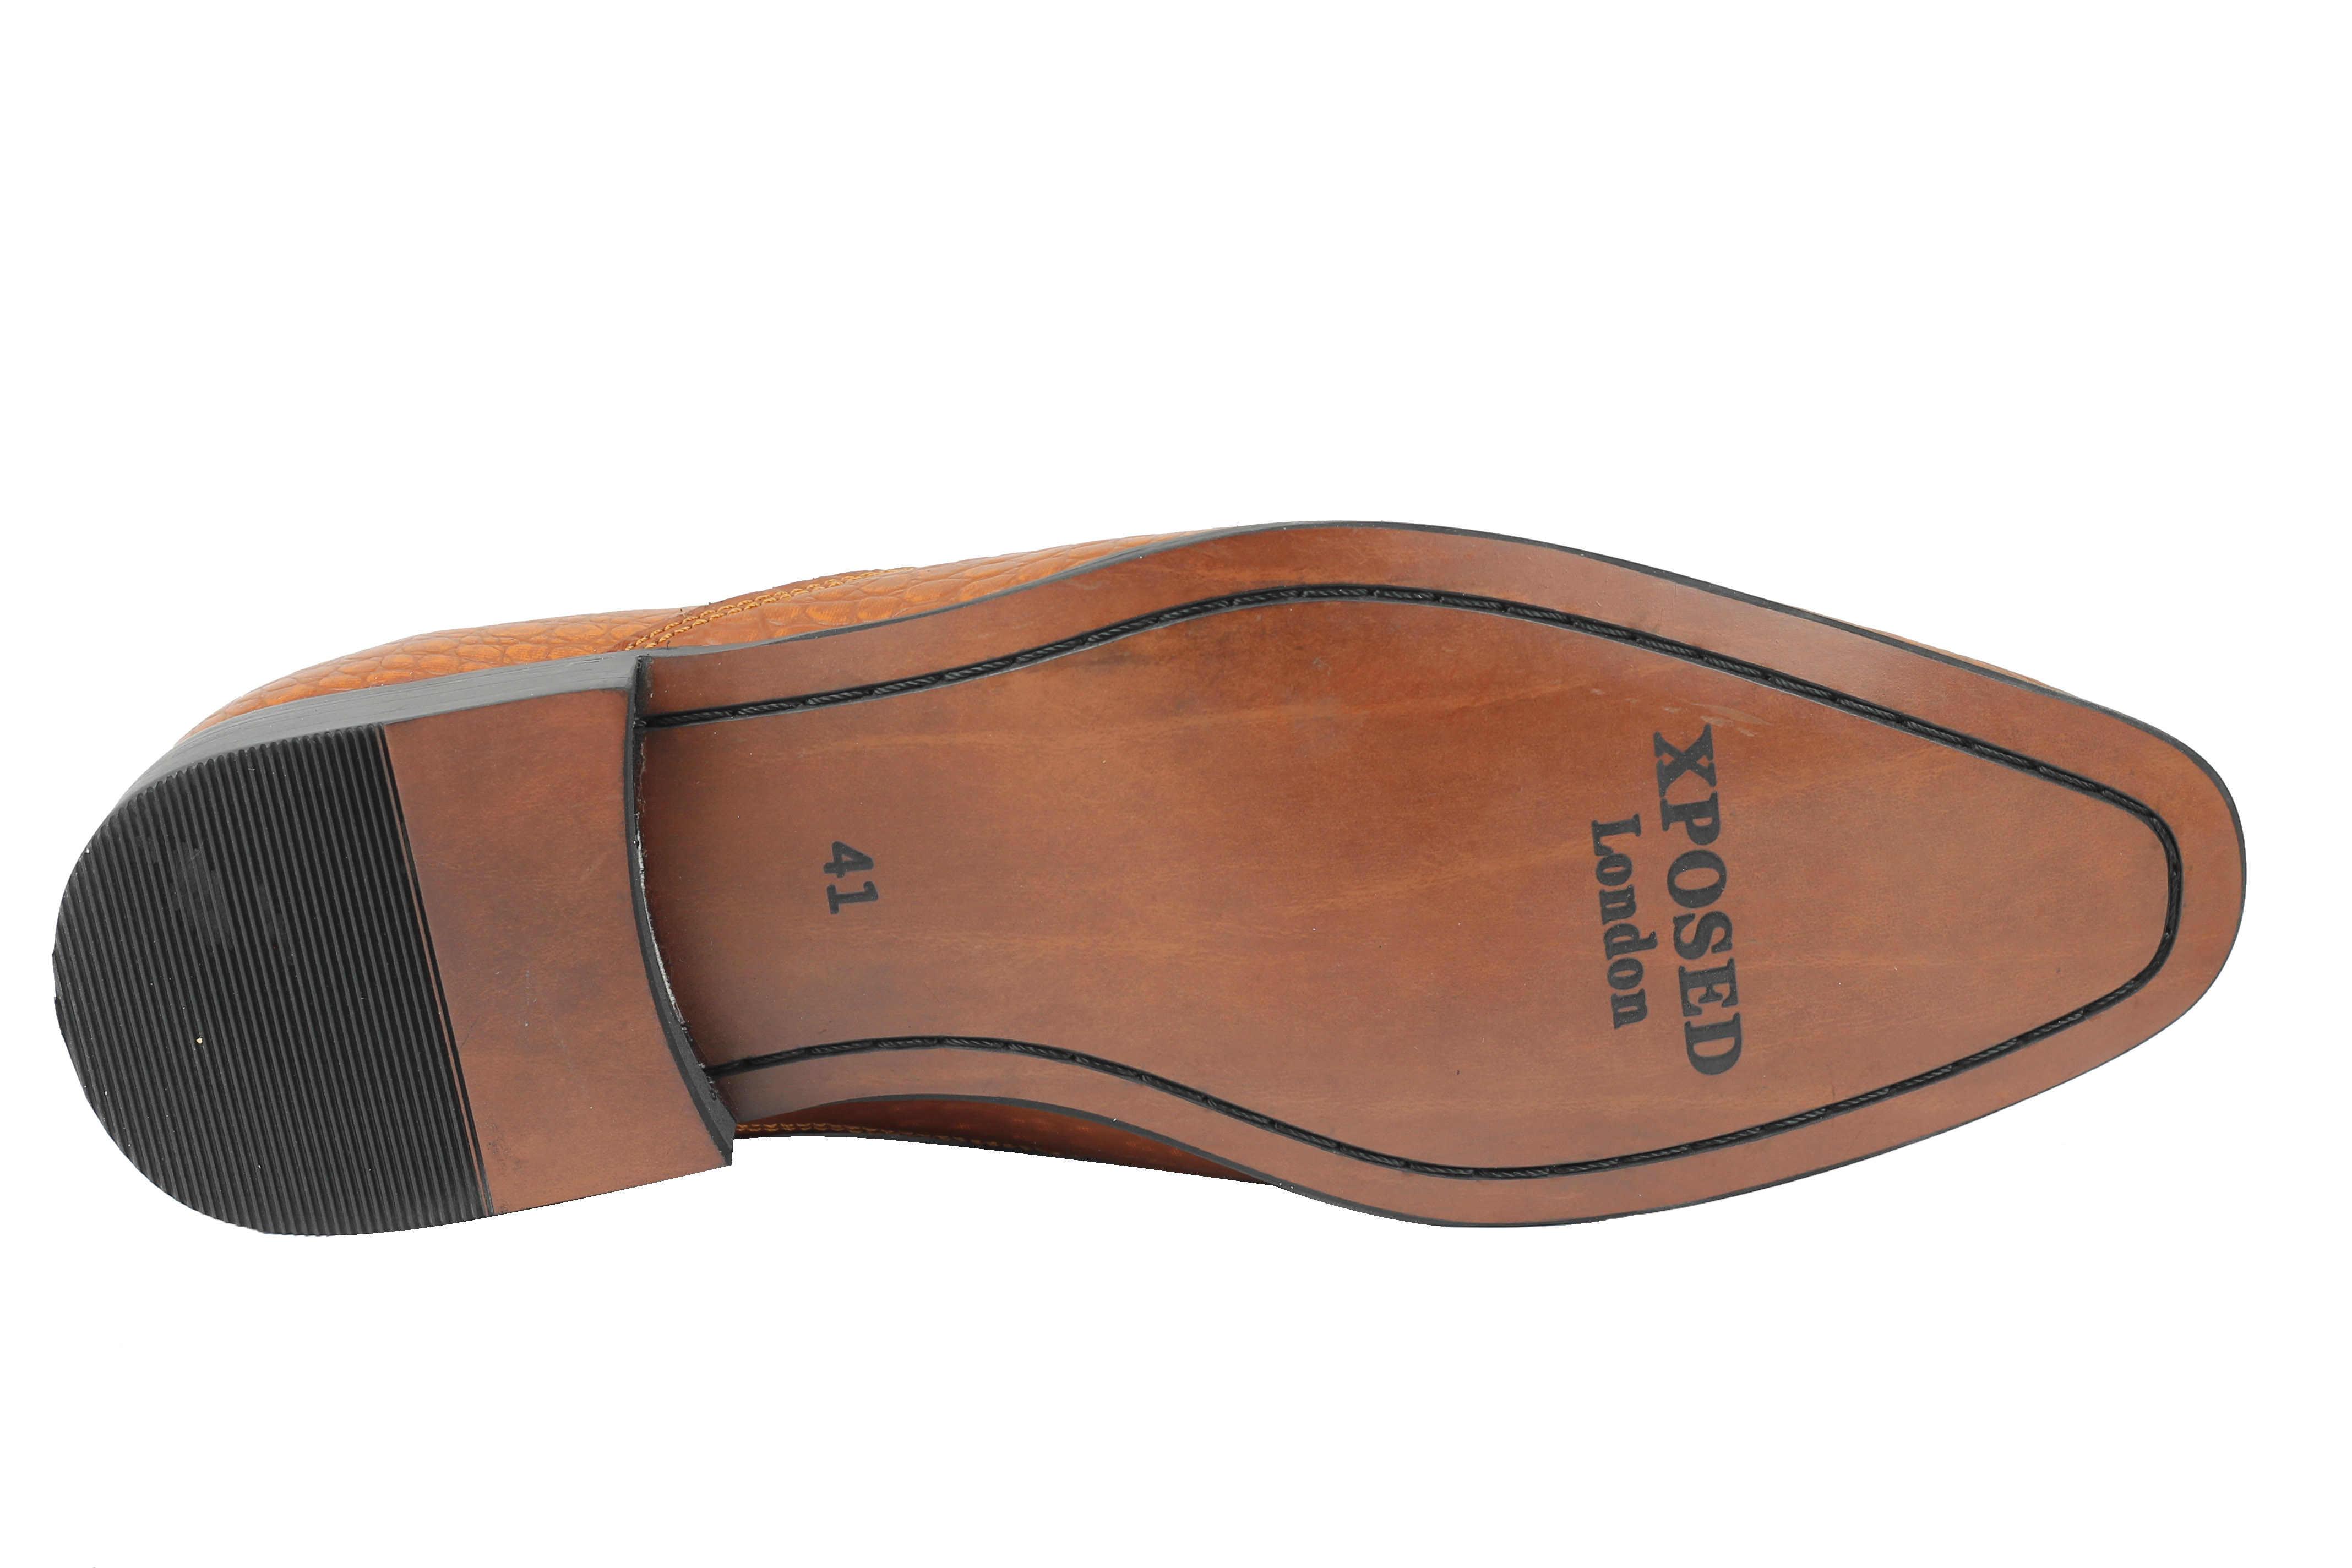 Da-Uomo-NERA-IN-PELLE-STAMPA-SERPENTE-Vintage-Nappa-Mocassini-Smart-Casual-Scarpe-Mod